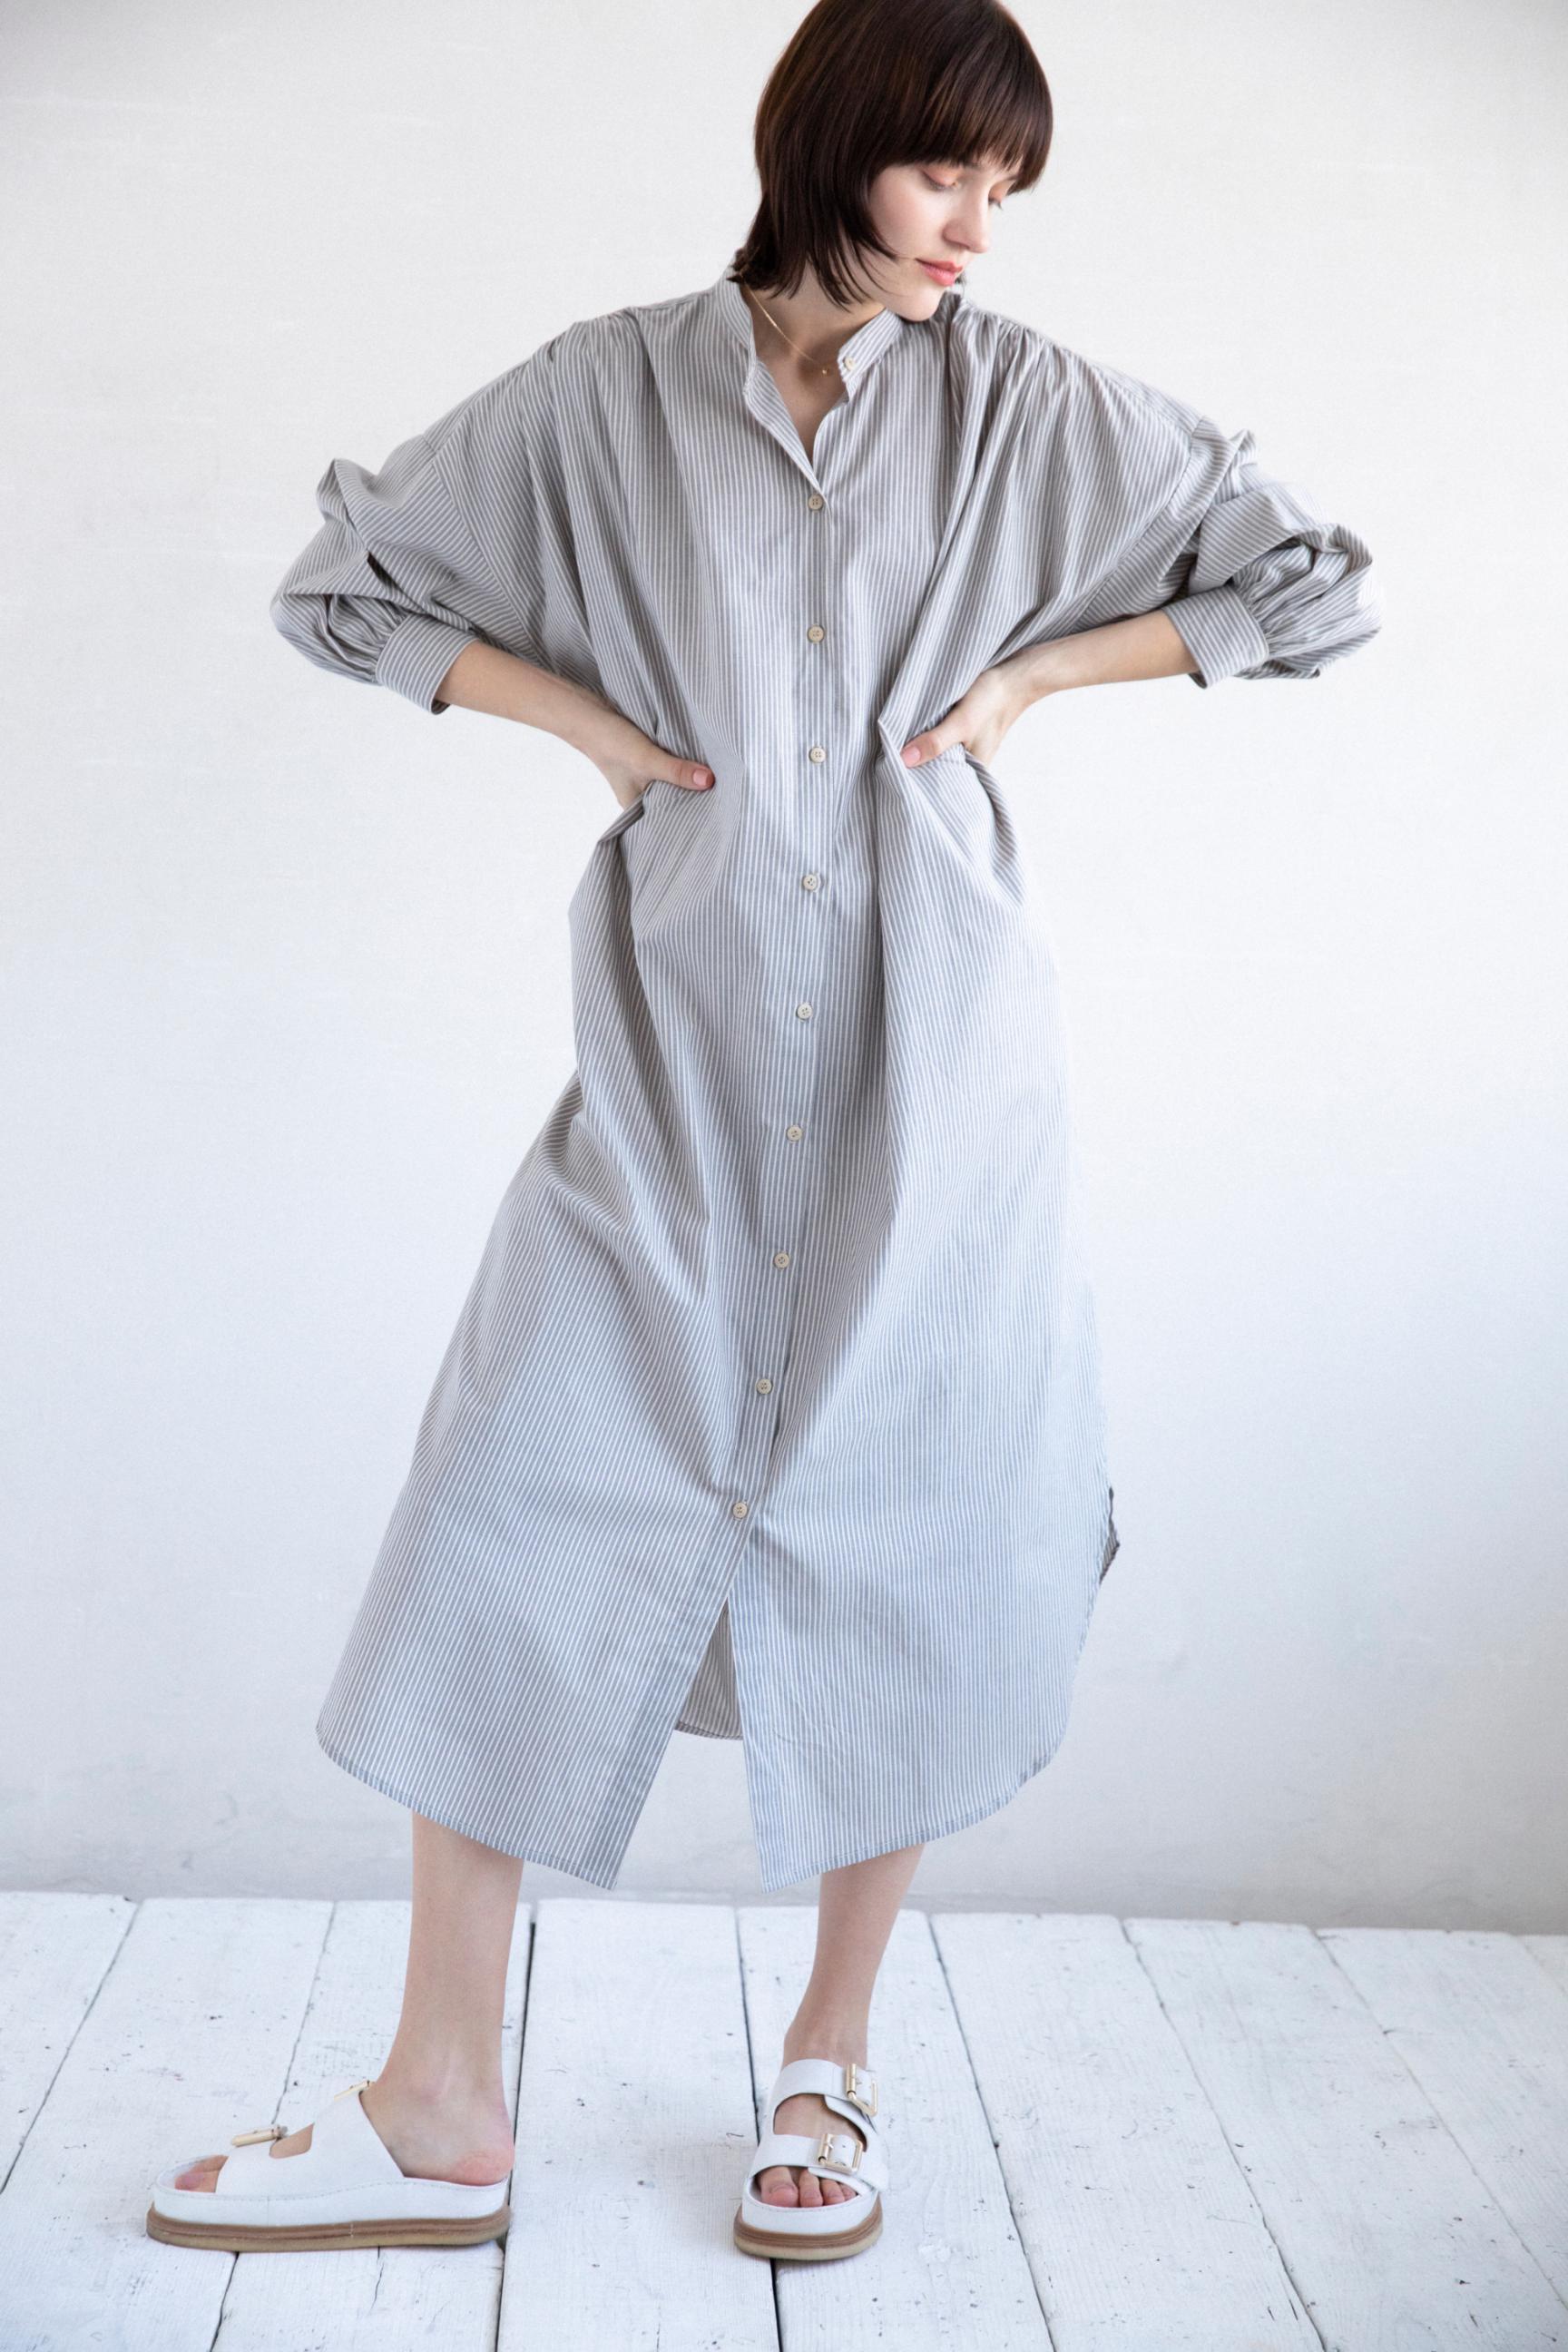 5_1 dress¥38,500 necklace¥25,300 shoes¥20,900